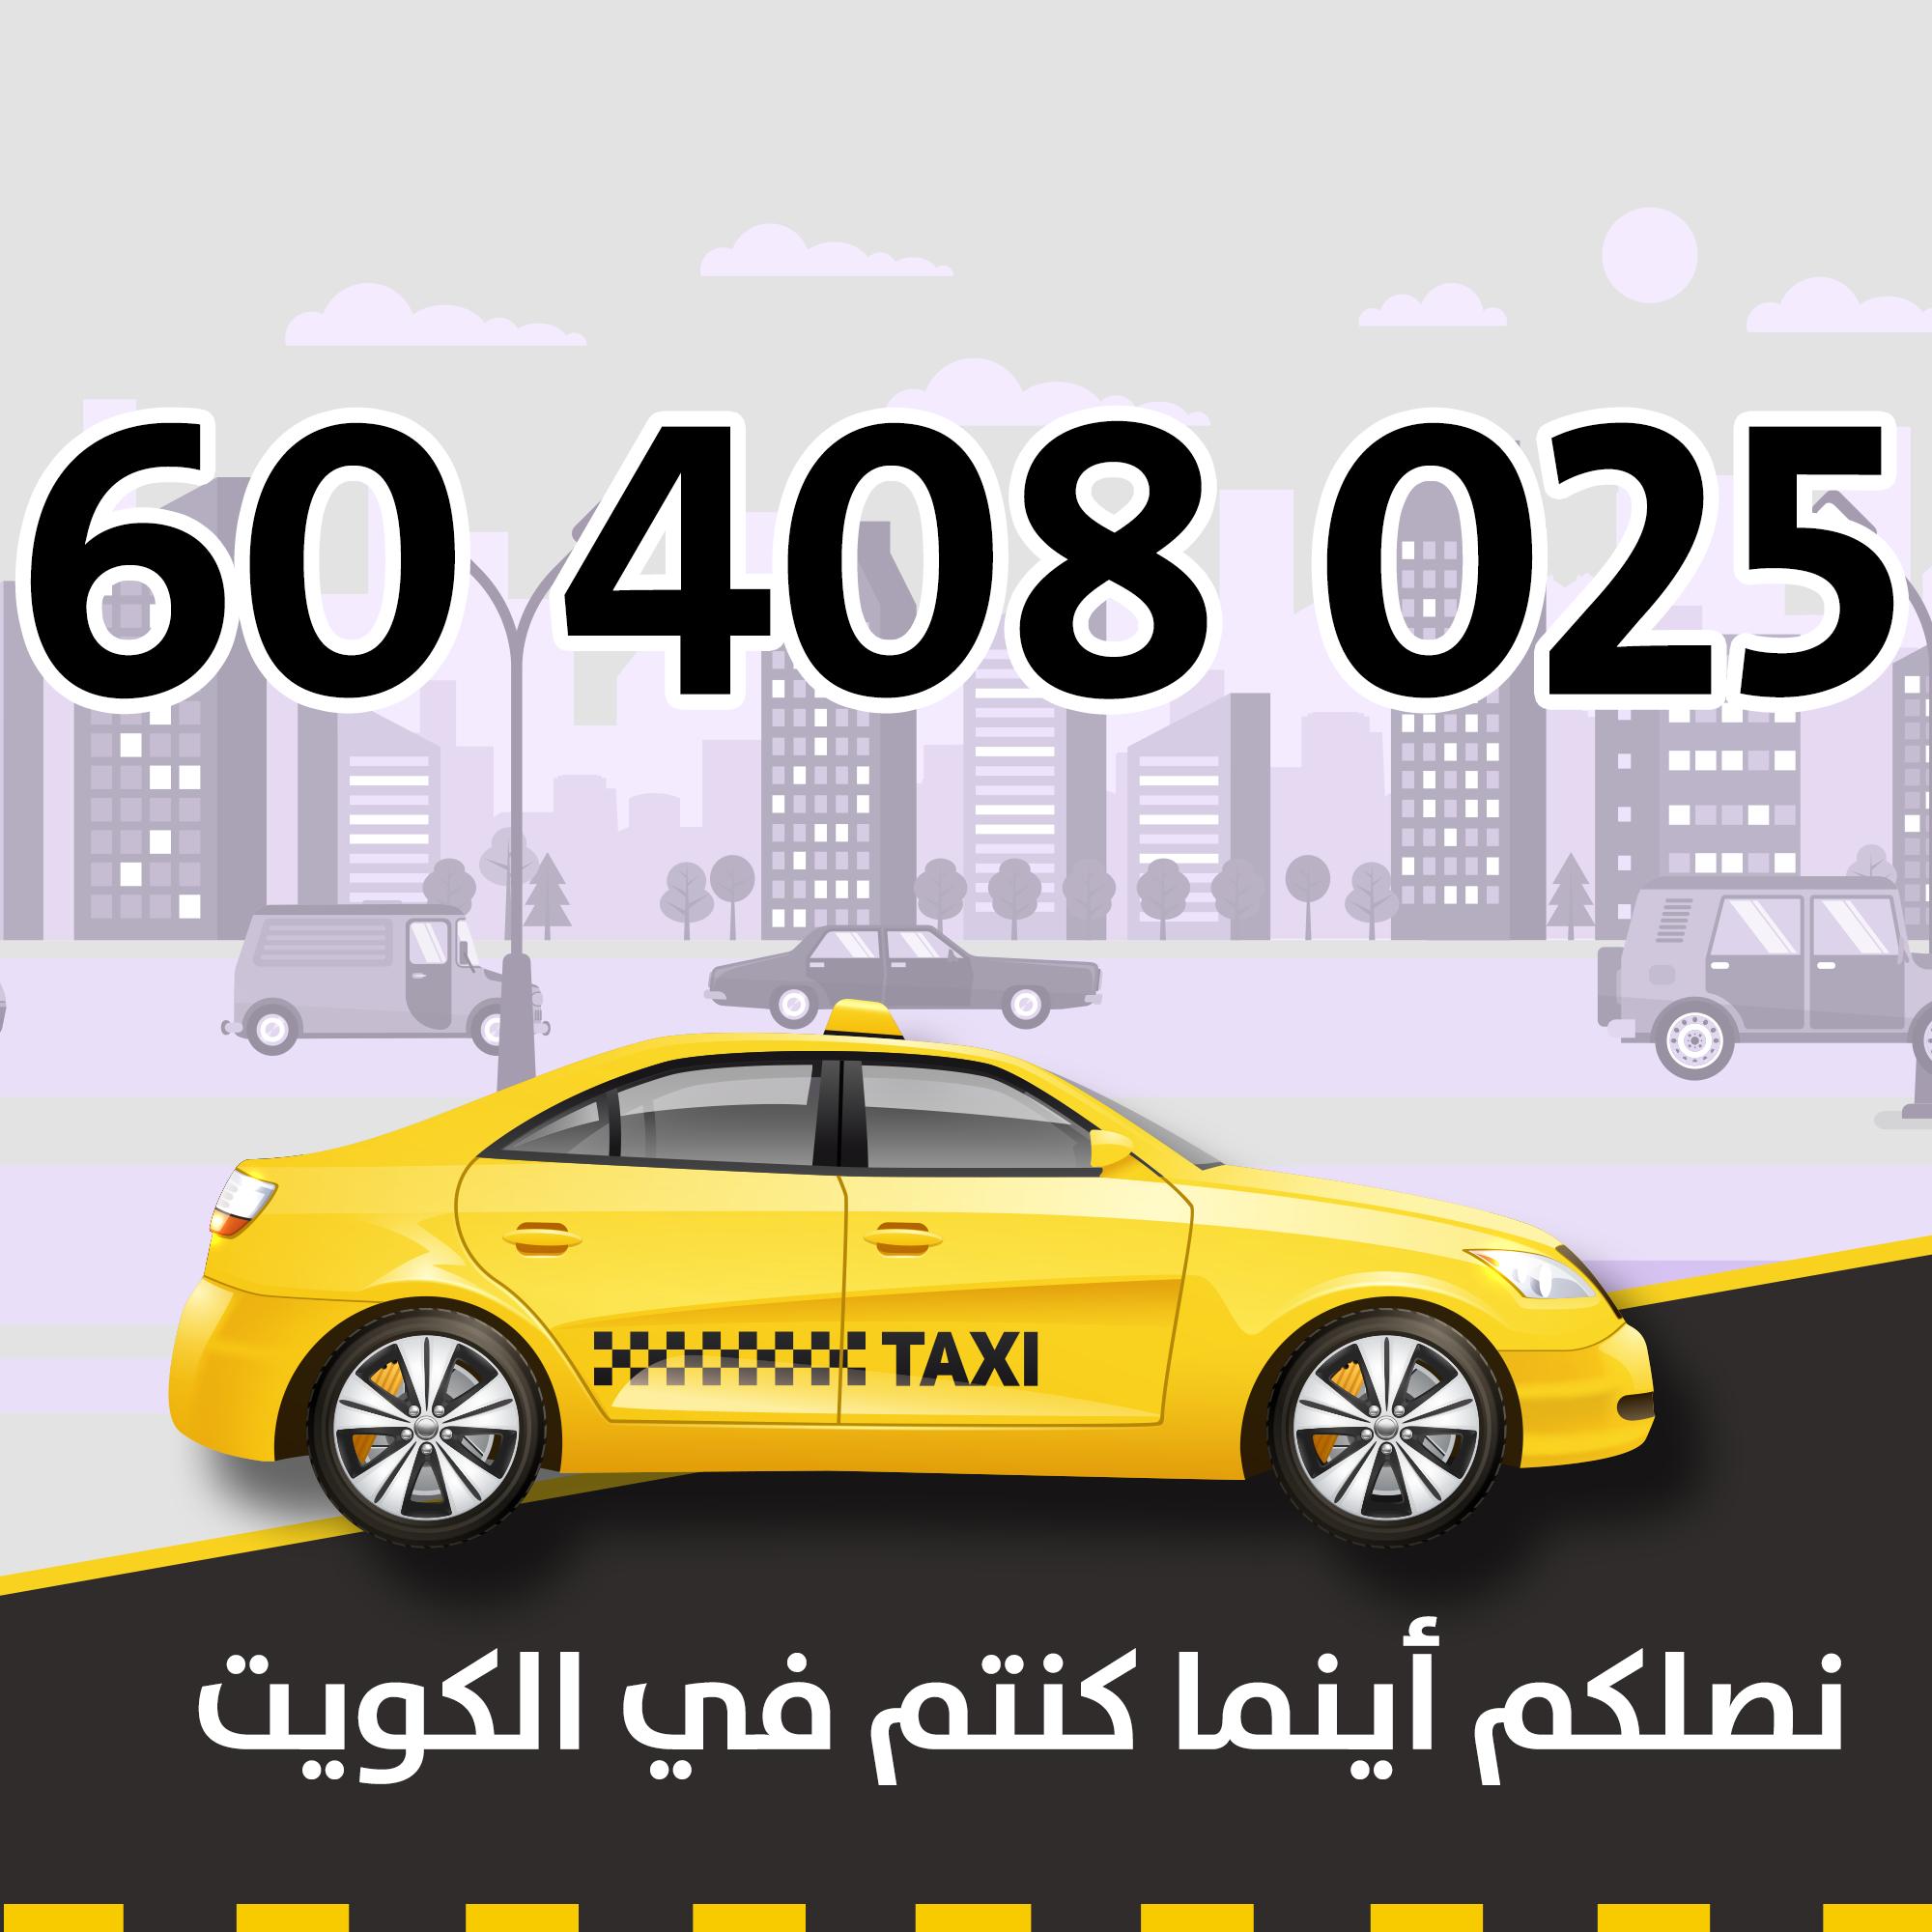 تاكسي توصيلة في شارع الإسكندرية